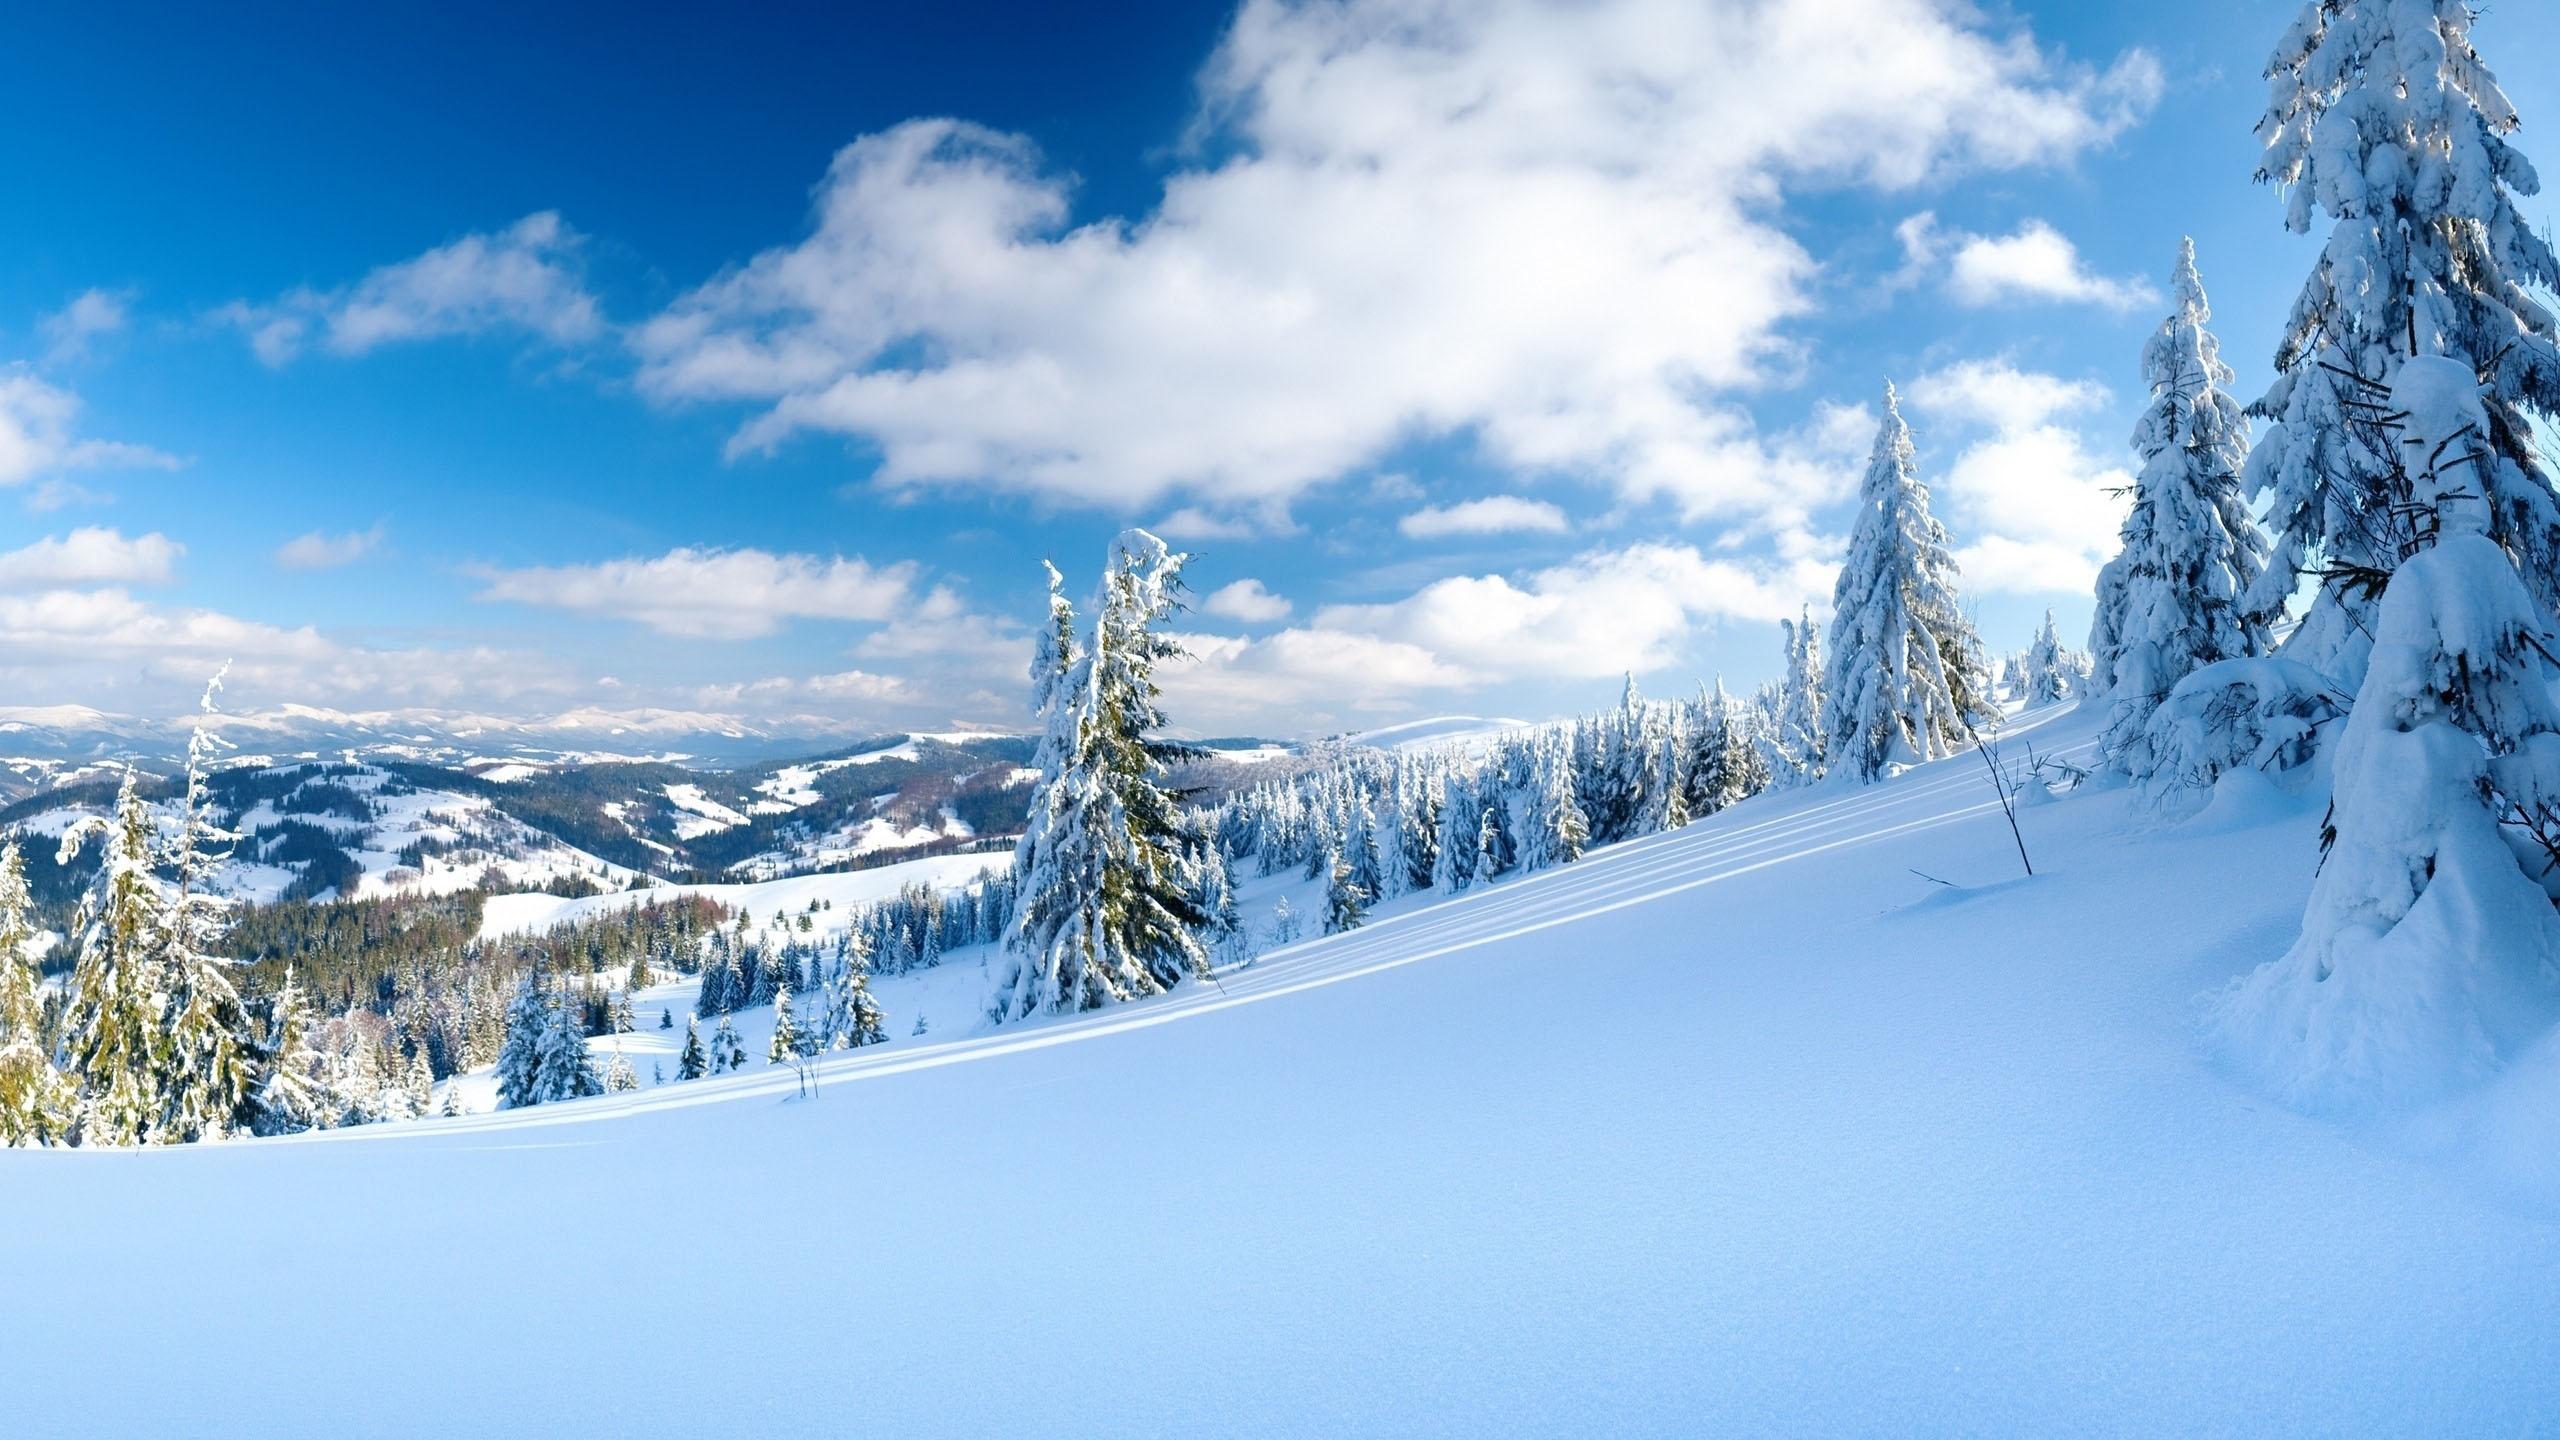 Hình nền mùa đông 2k